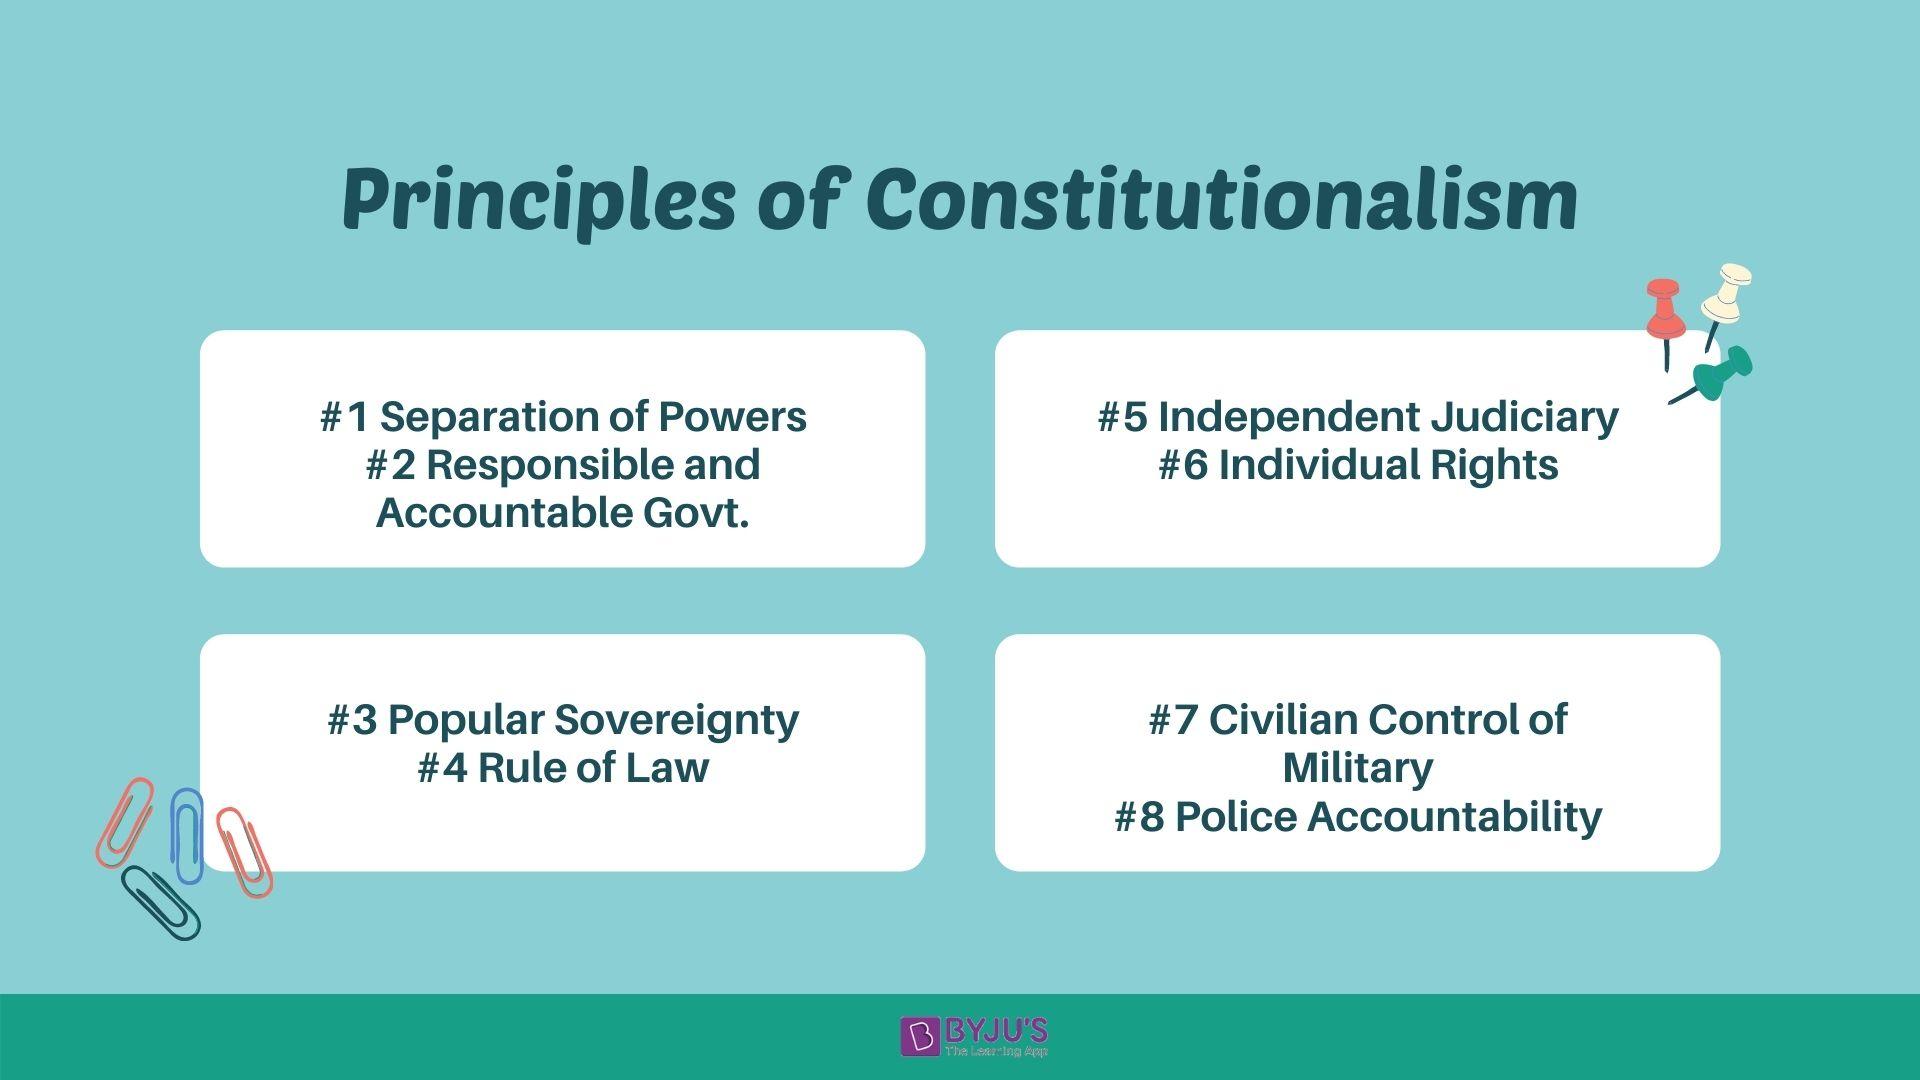 Principles of Constitutionalism